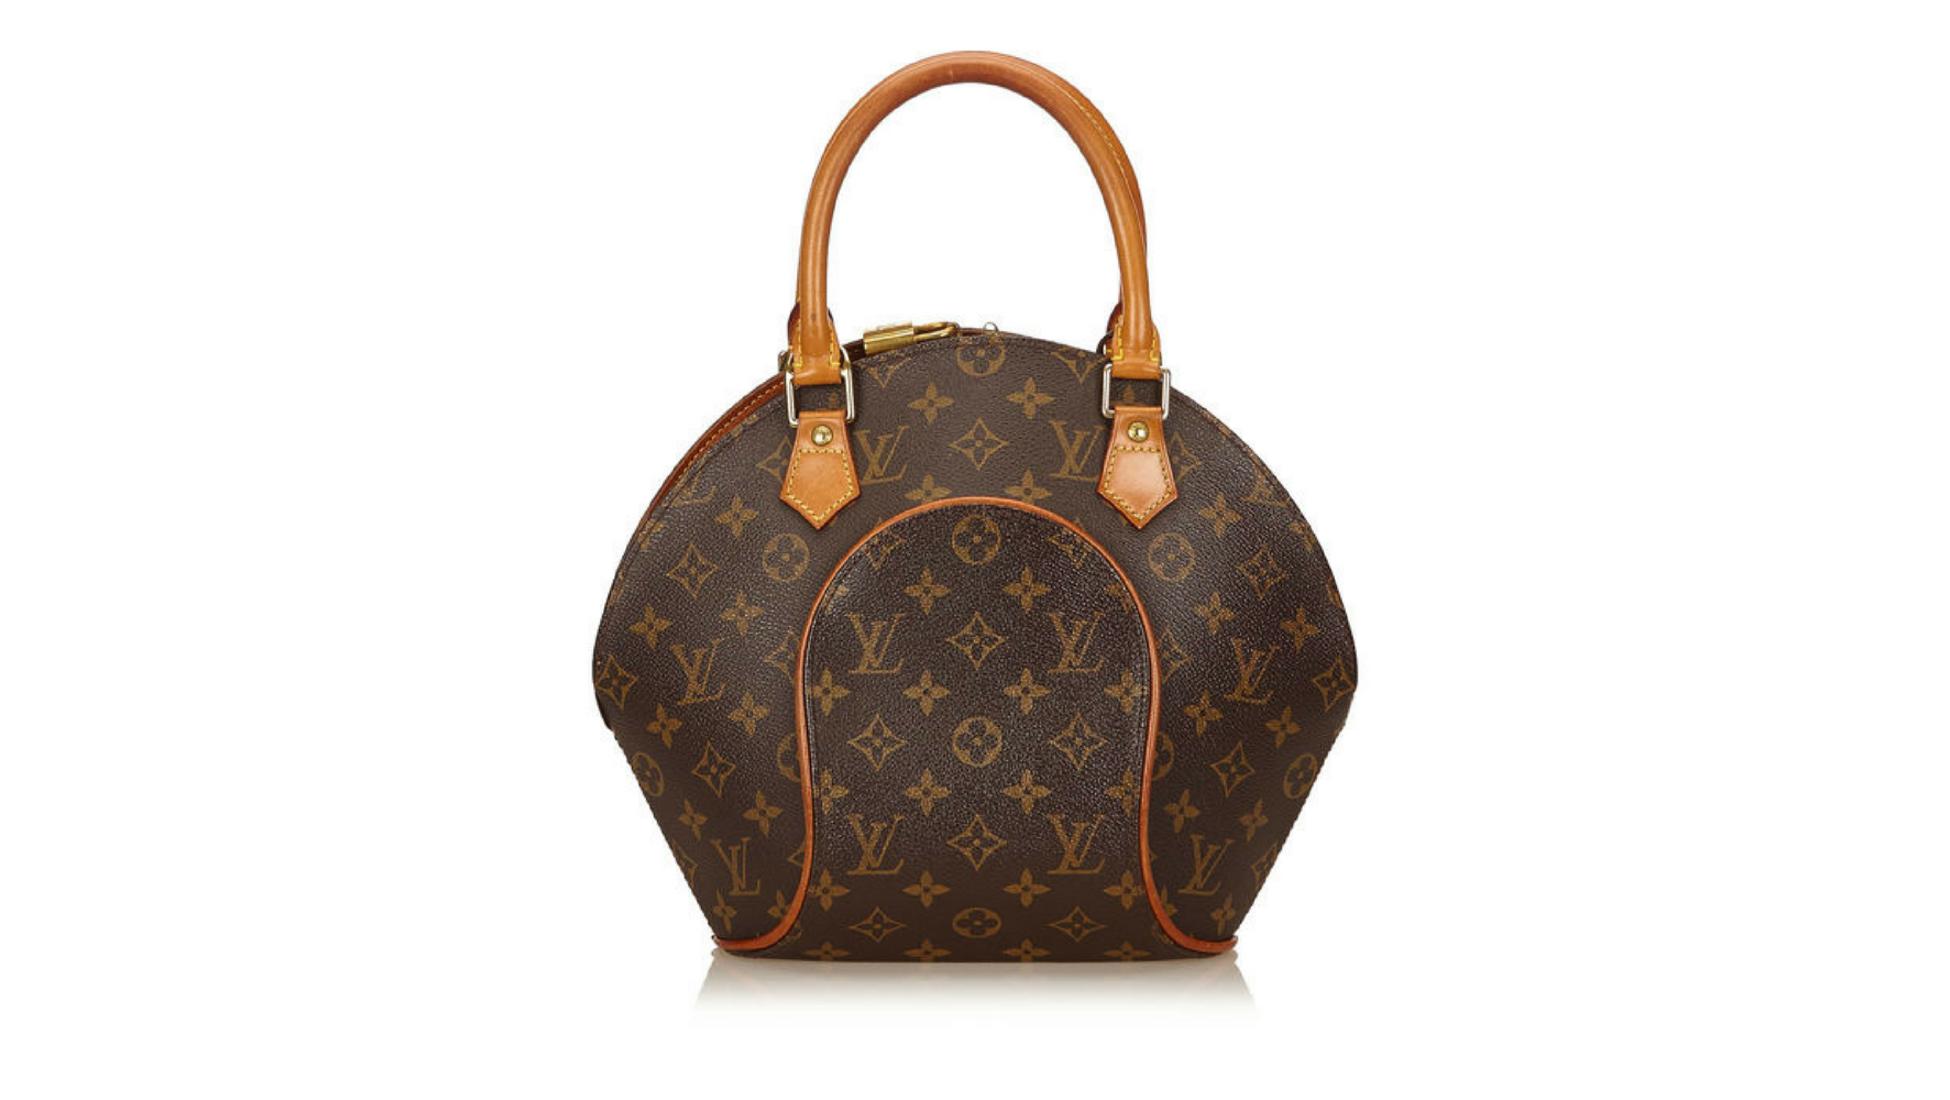 decf8736d1 L'esclusività è un altro dei segreti che contribuiscono al successo del  marchio. Louis Vuitton ha sempre cercato di controbattere alla produzione  di massa ...